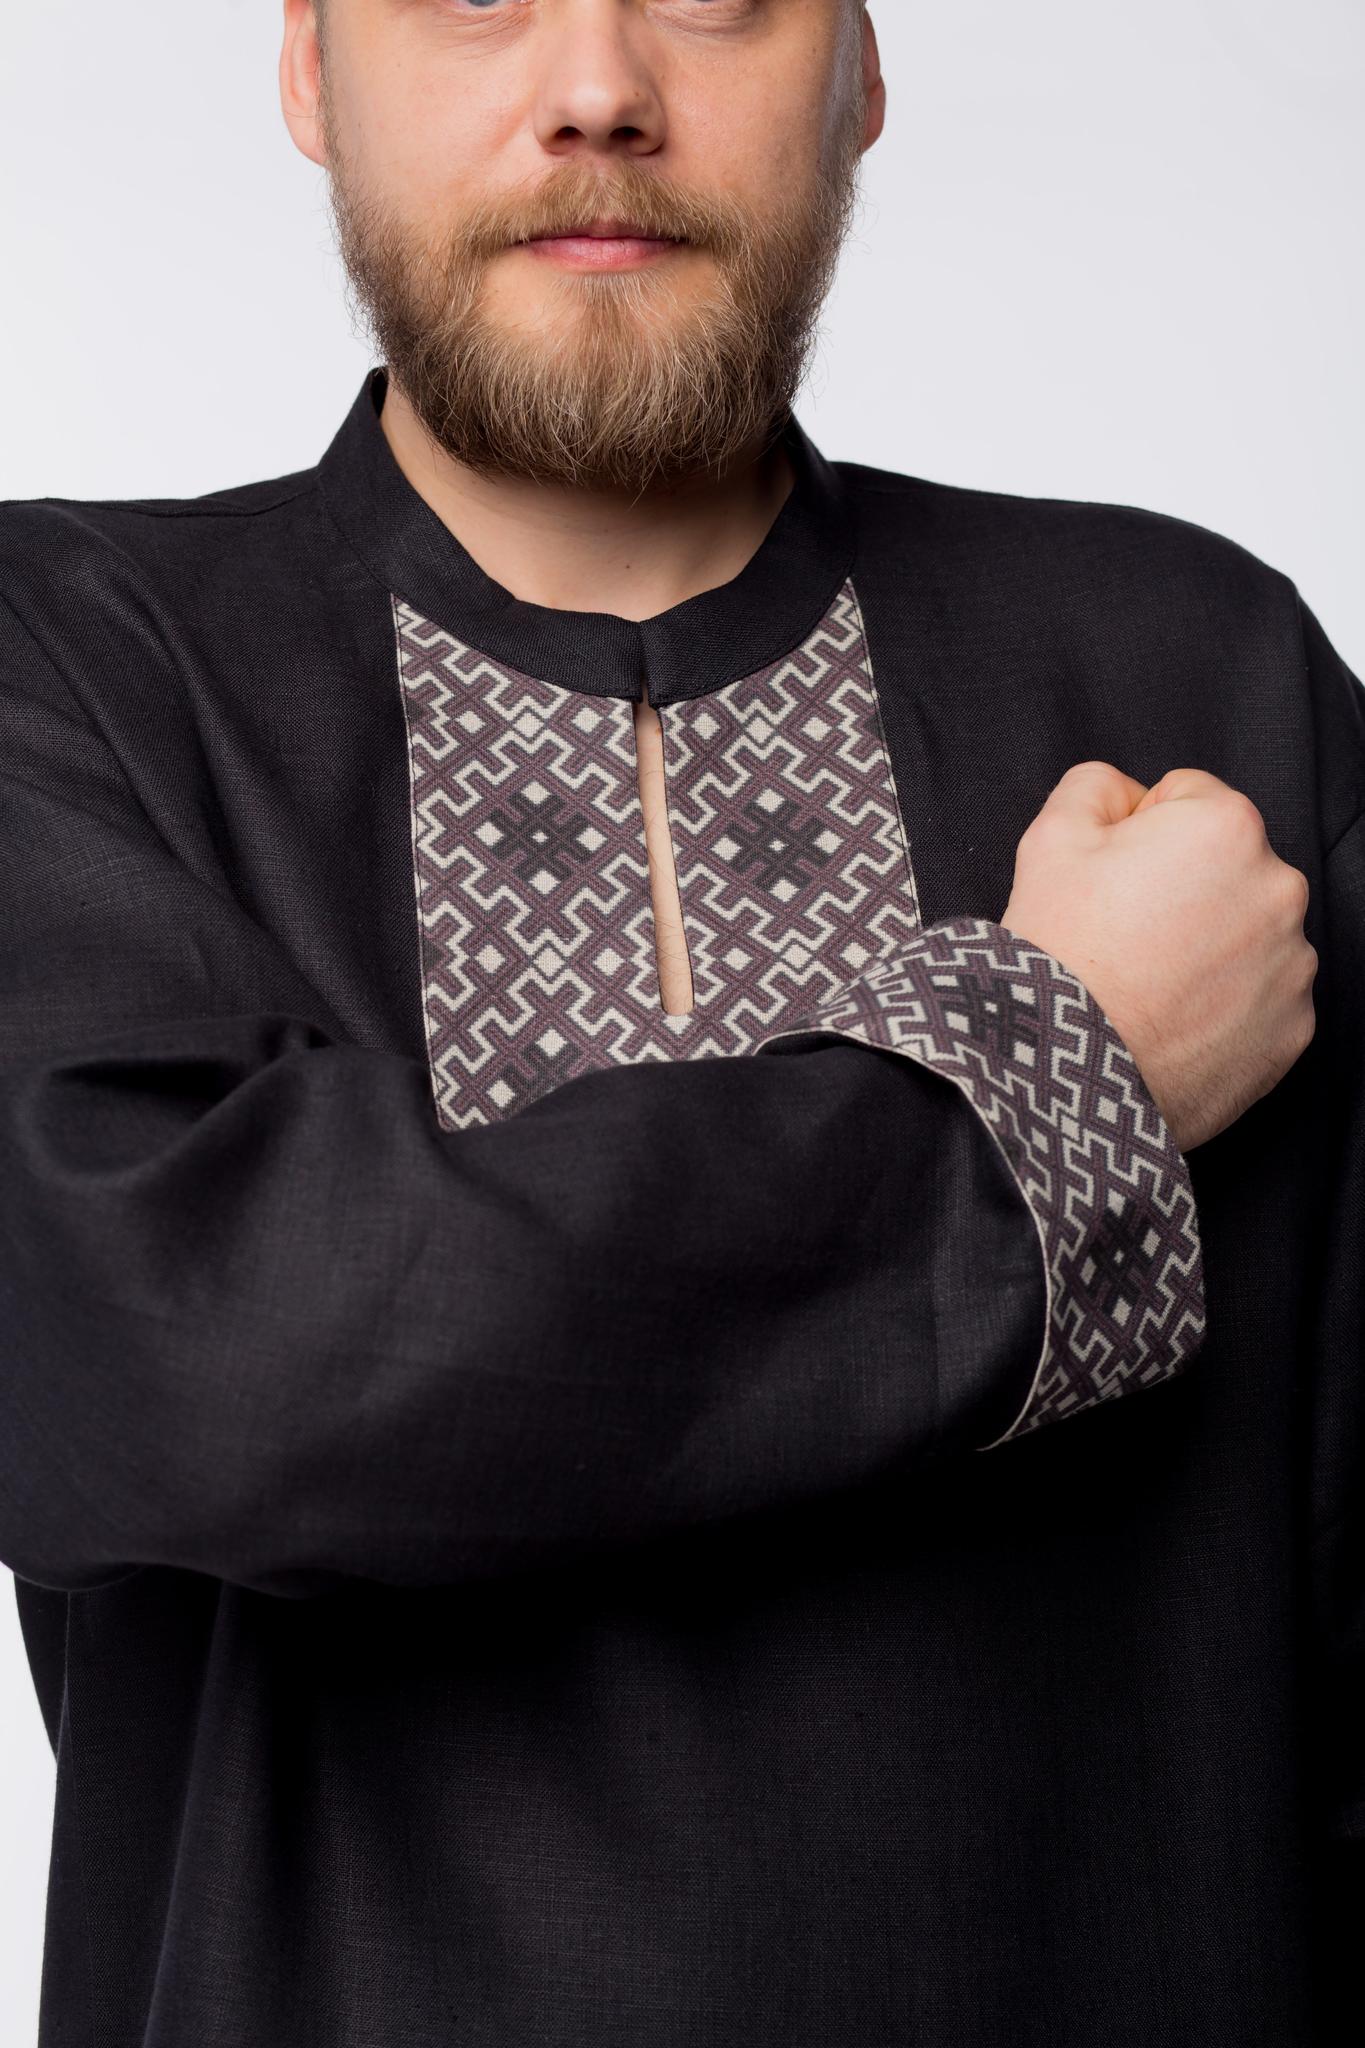 Рубаха мужская льняная Уральская приближенный фрагмент